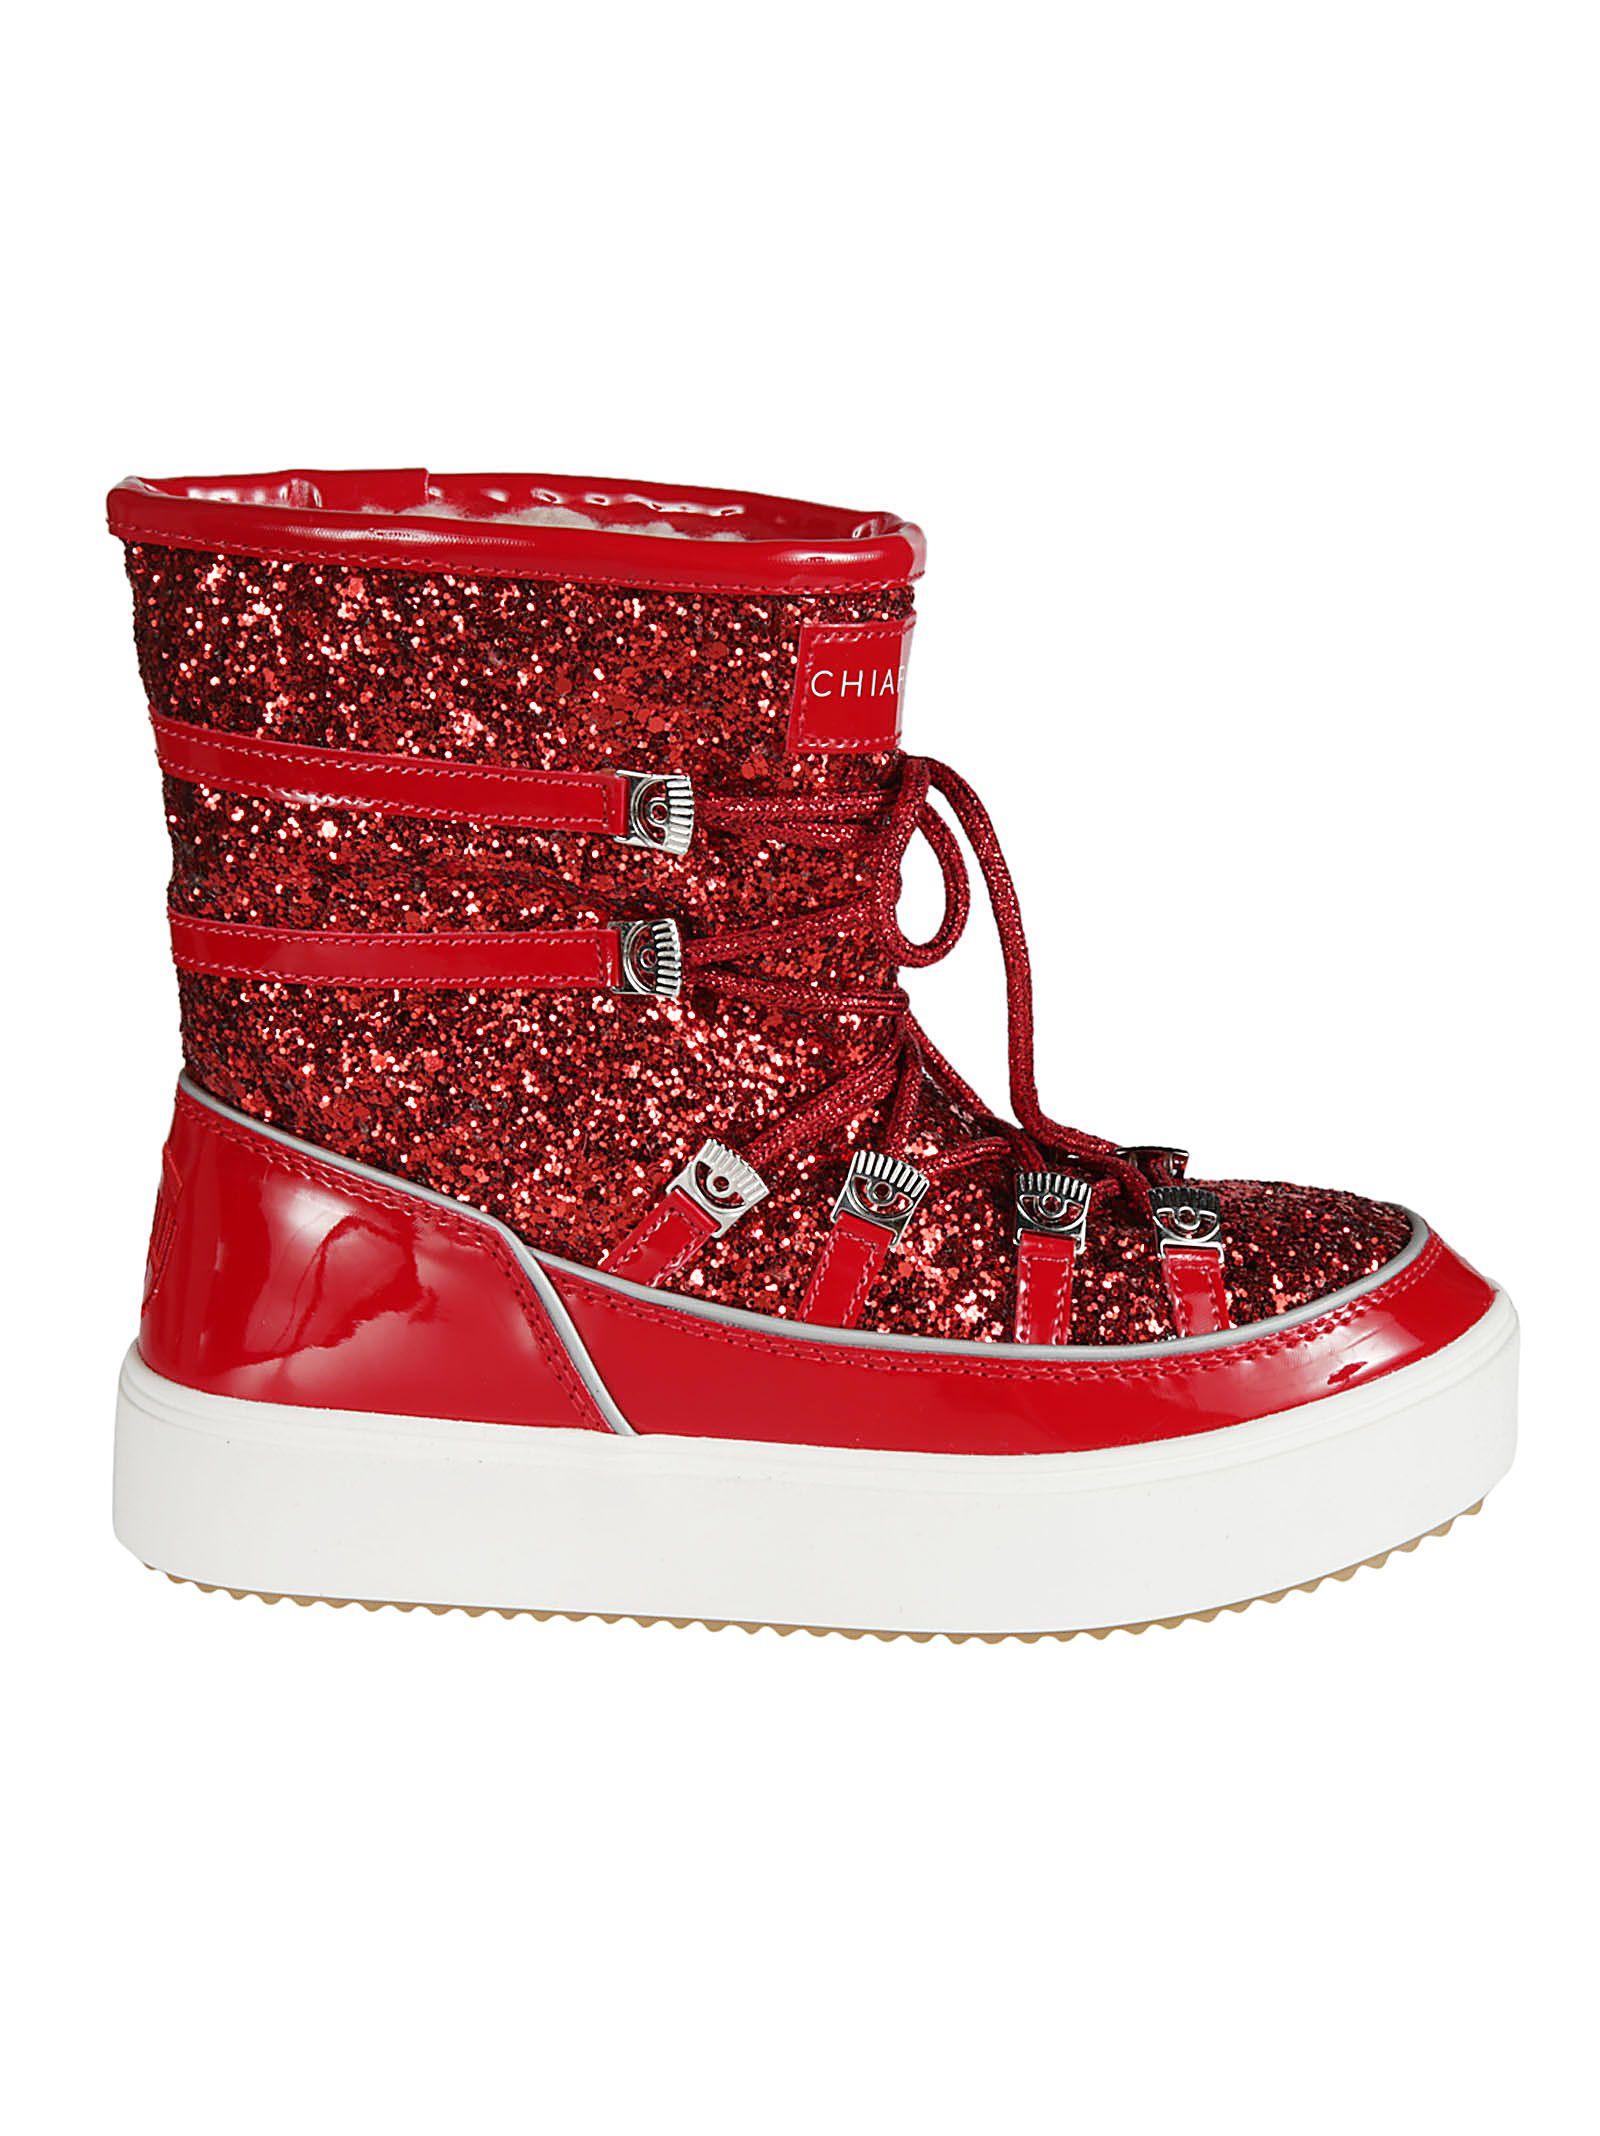 Chiara Ferragni Glittery Coated Snow Boots